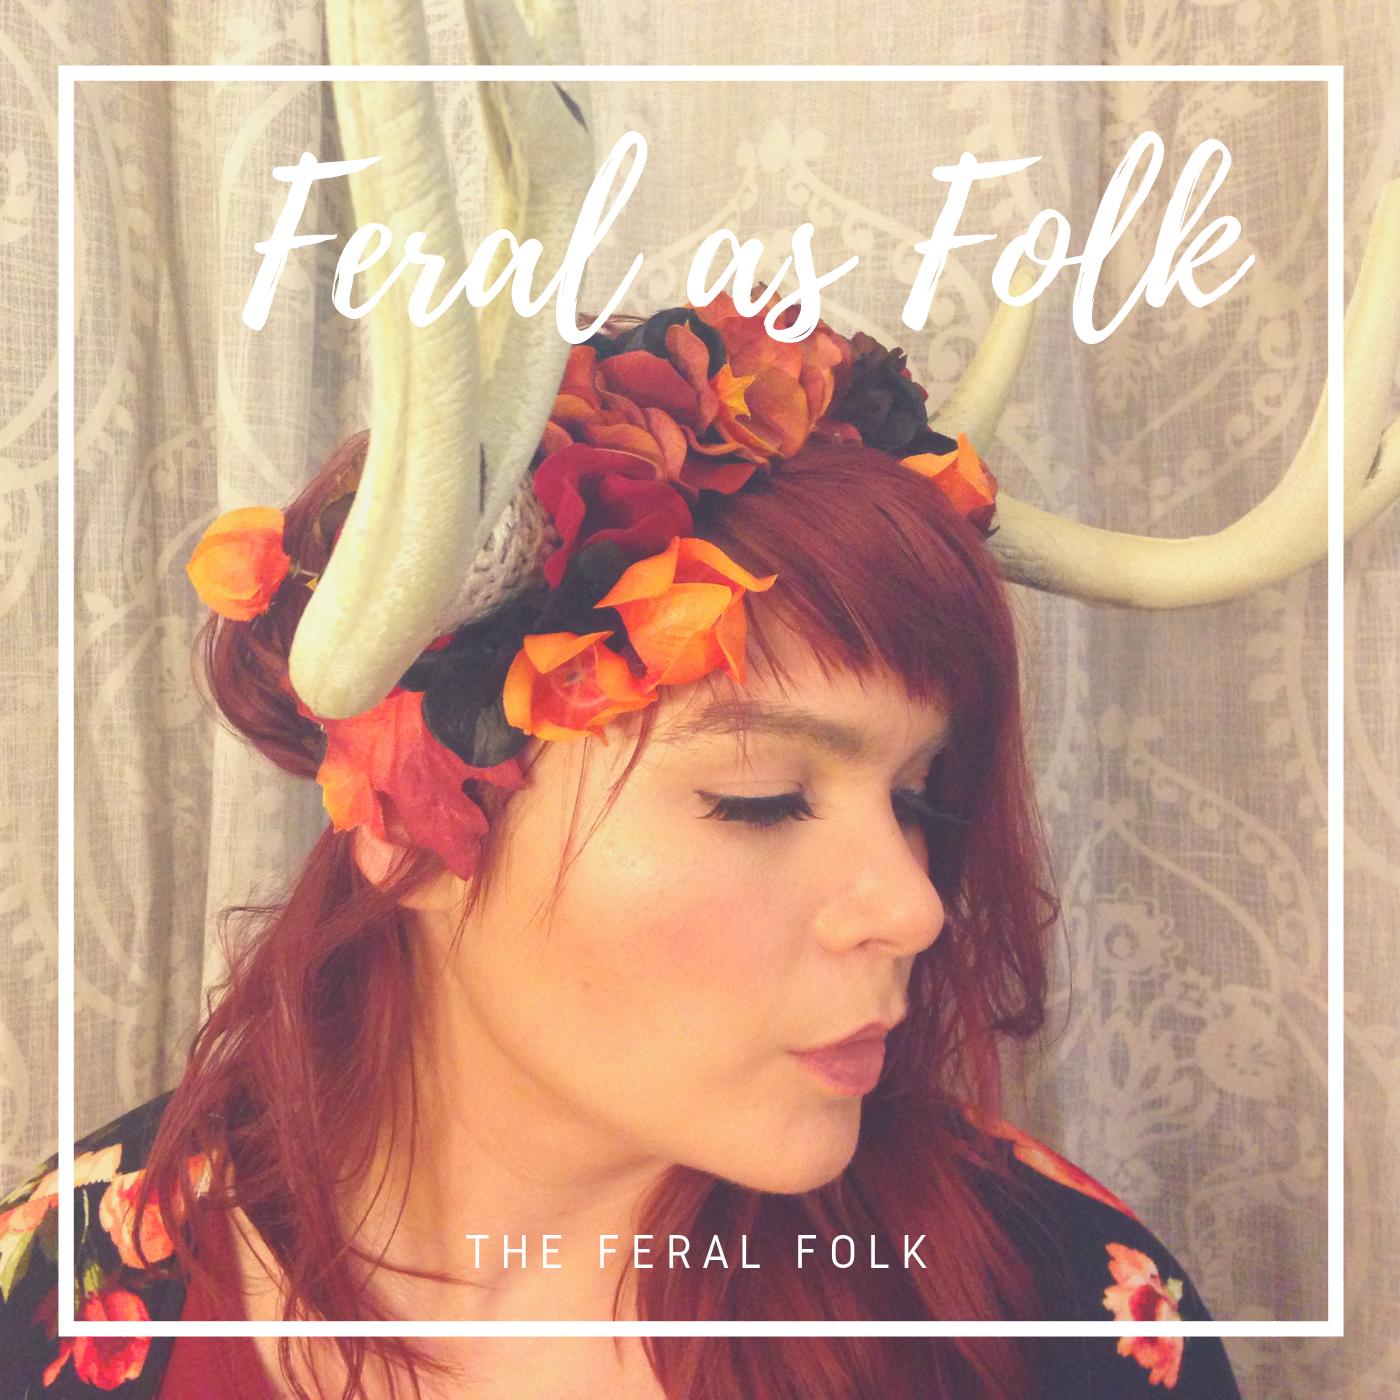 Feral as Folk